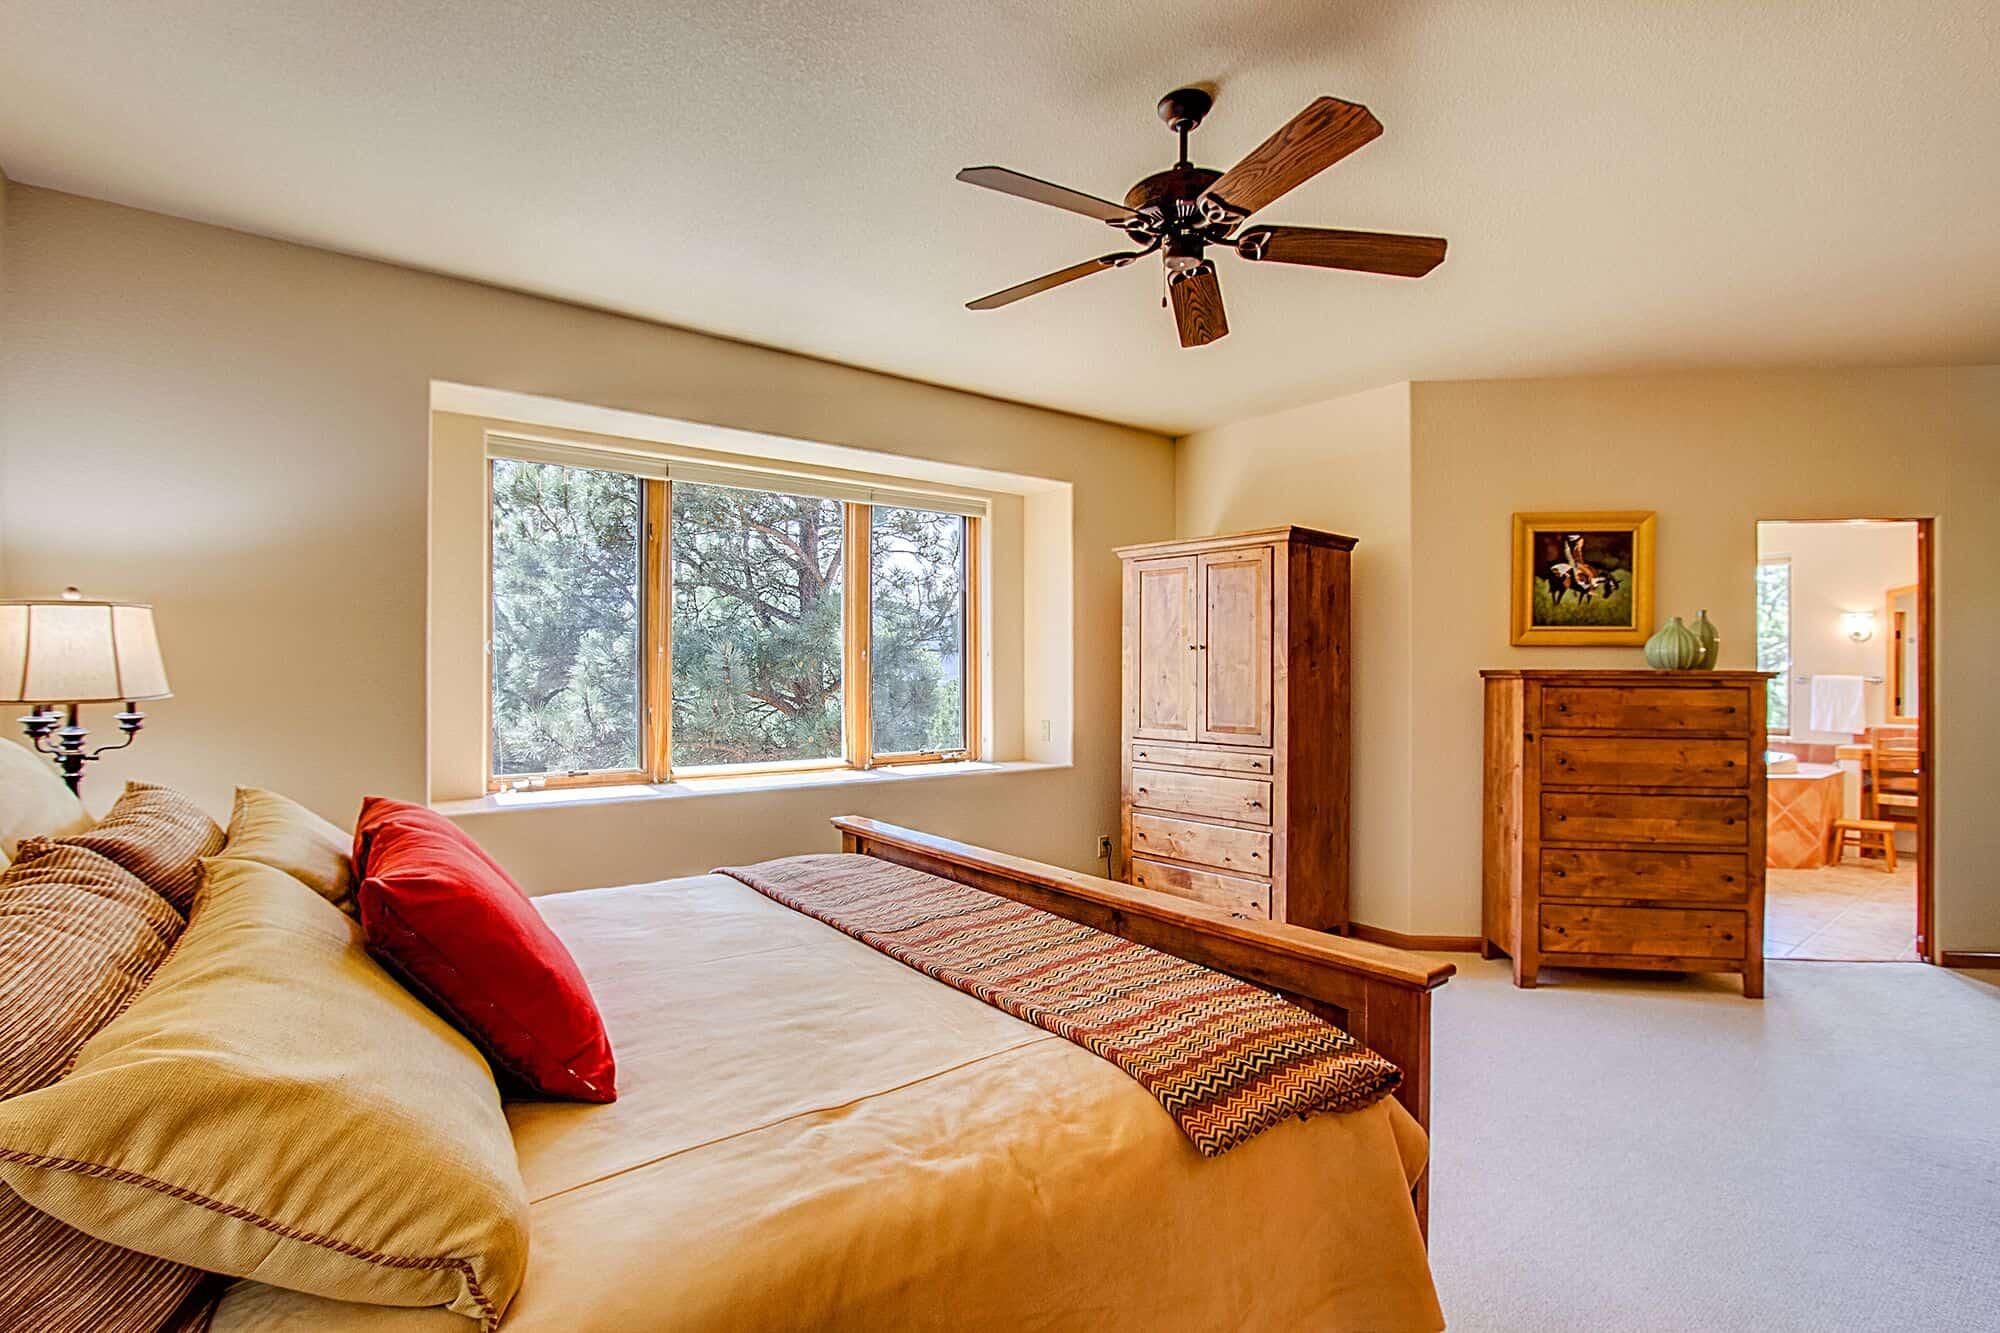 Master Bedroom into Spa Master Bathroom